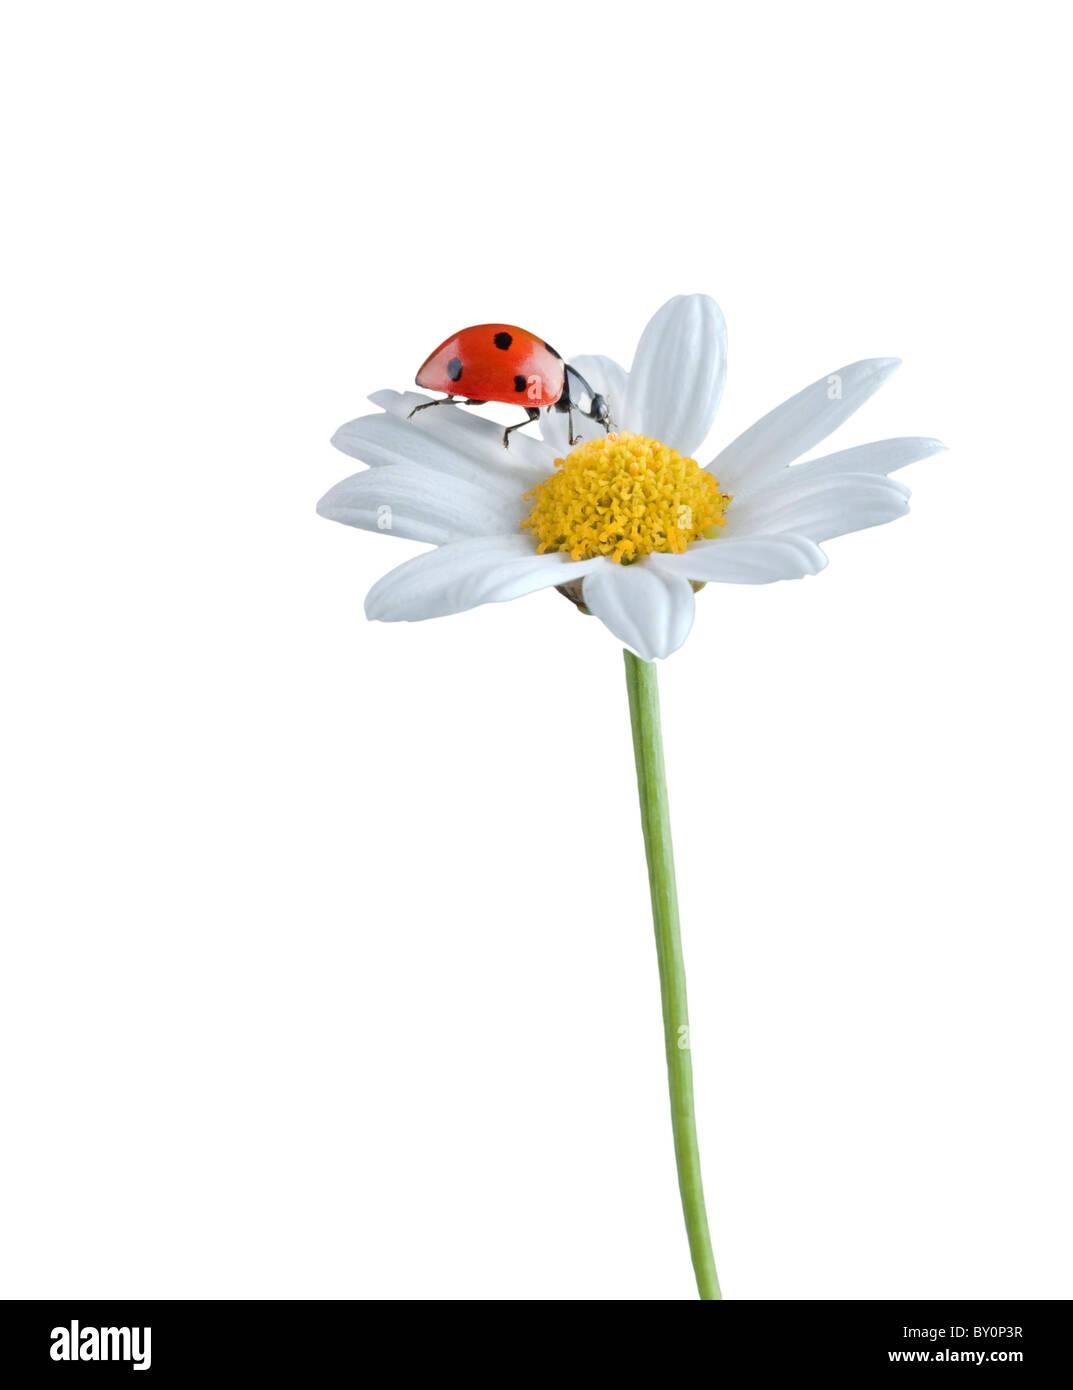 Marienkafer Auf Eine Weisse Blume Isoliert Auf Weiss Stockfotografie Alamy